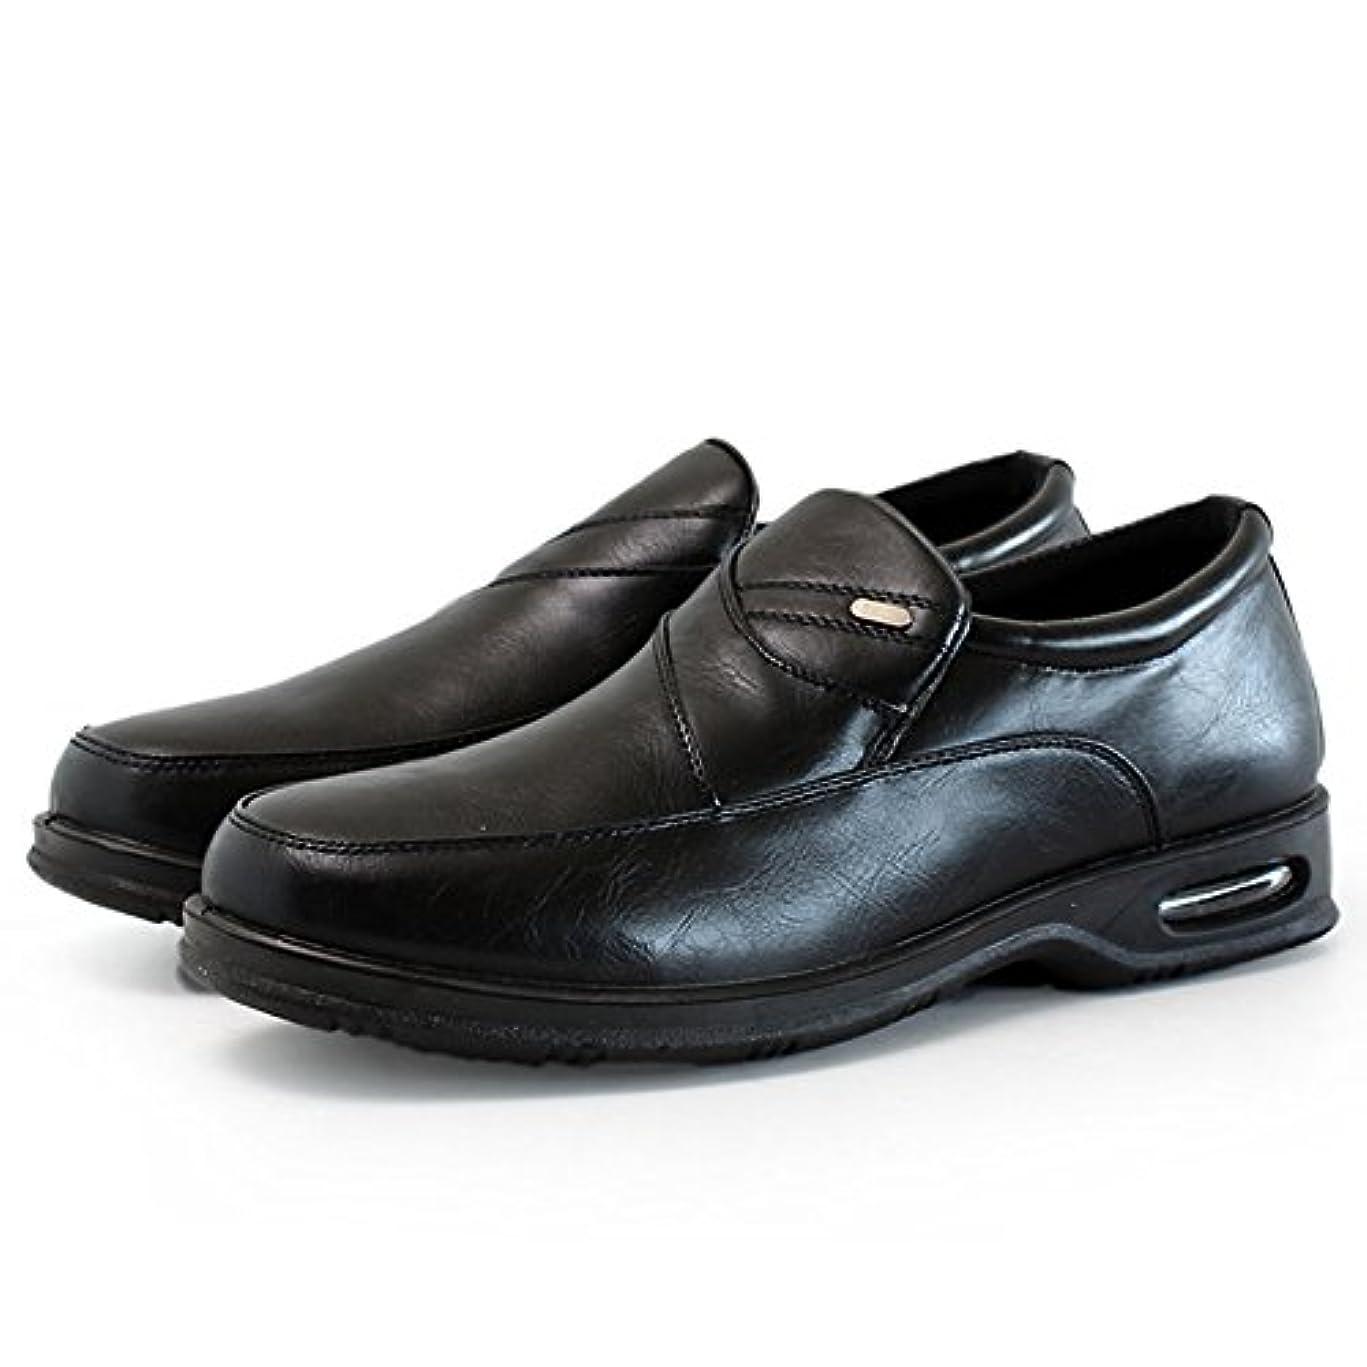 縁石最初は魔術(ルームナイン) Room9 ソフトレザー 軽量 ビジネス メンズ Men's シューズ 黒 履きやすい 歩きやすい エアークッション ローカット 通勤 仕事 (fs-1000)